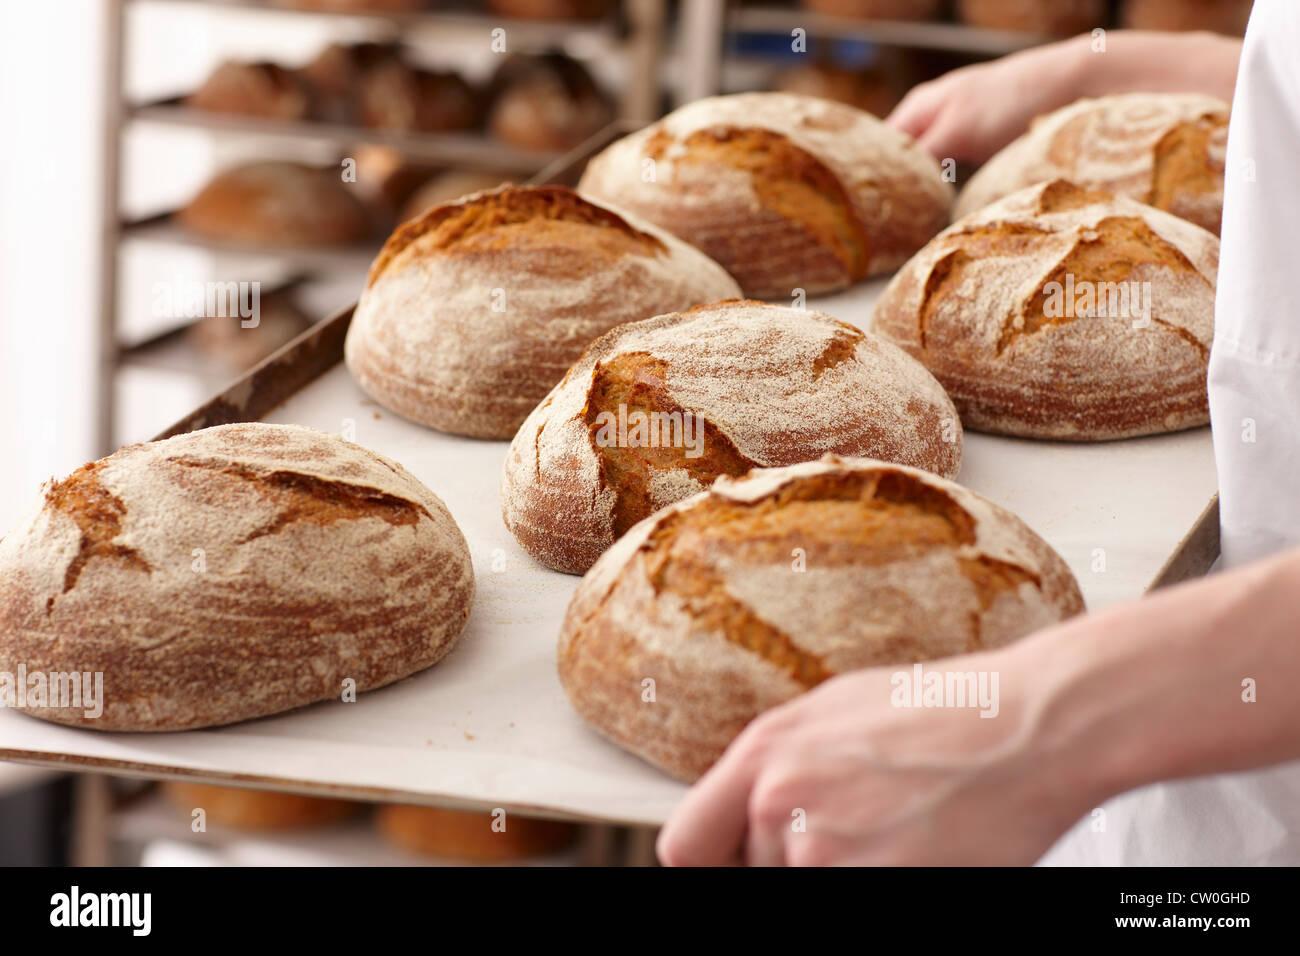 Bac de transport Chef de pain dans la cuisine Photo Stock